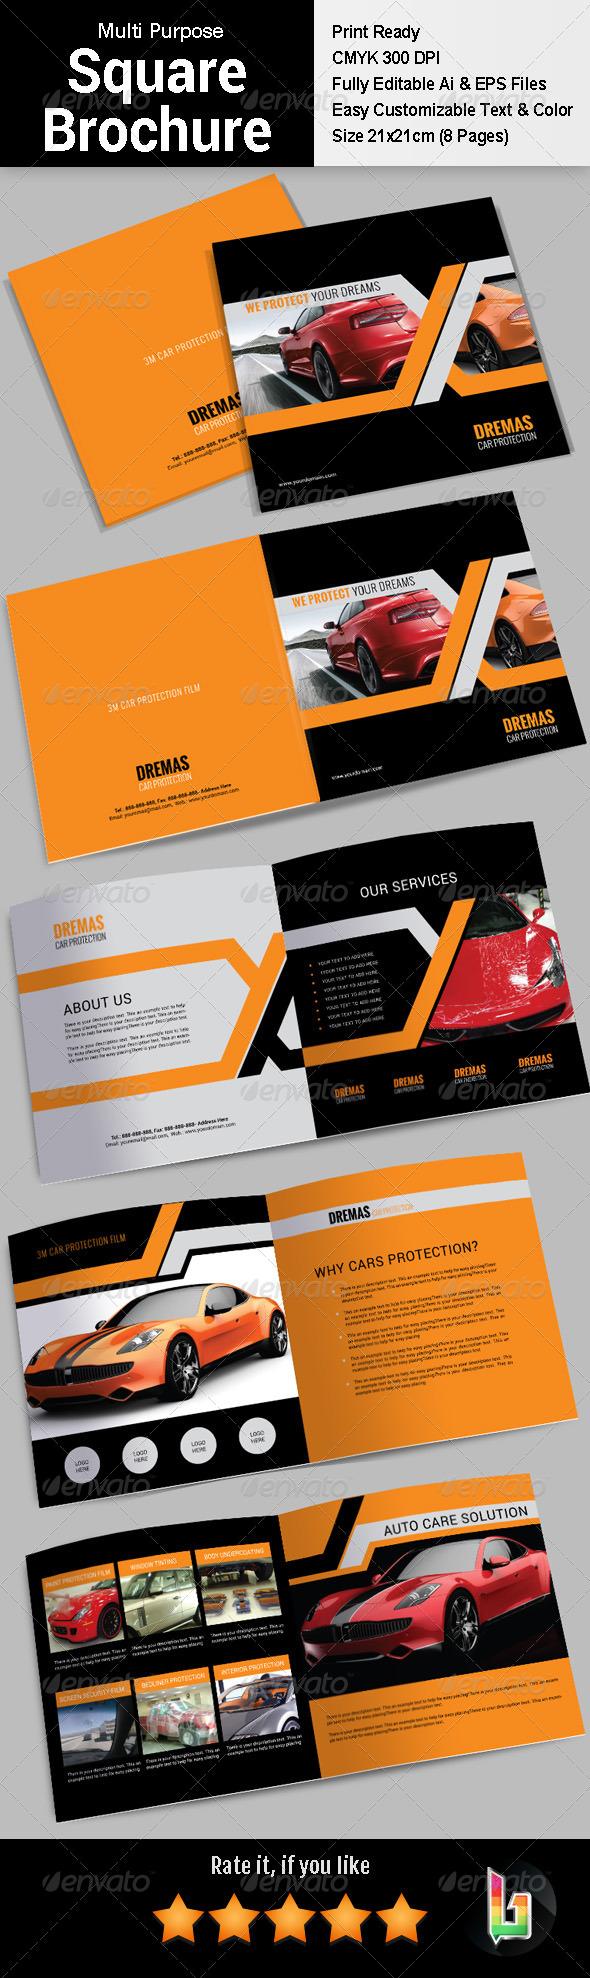 Multi Purpose Square Brochure